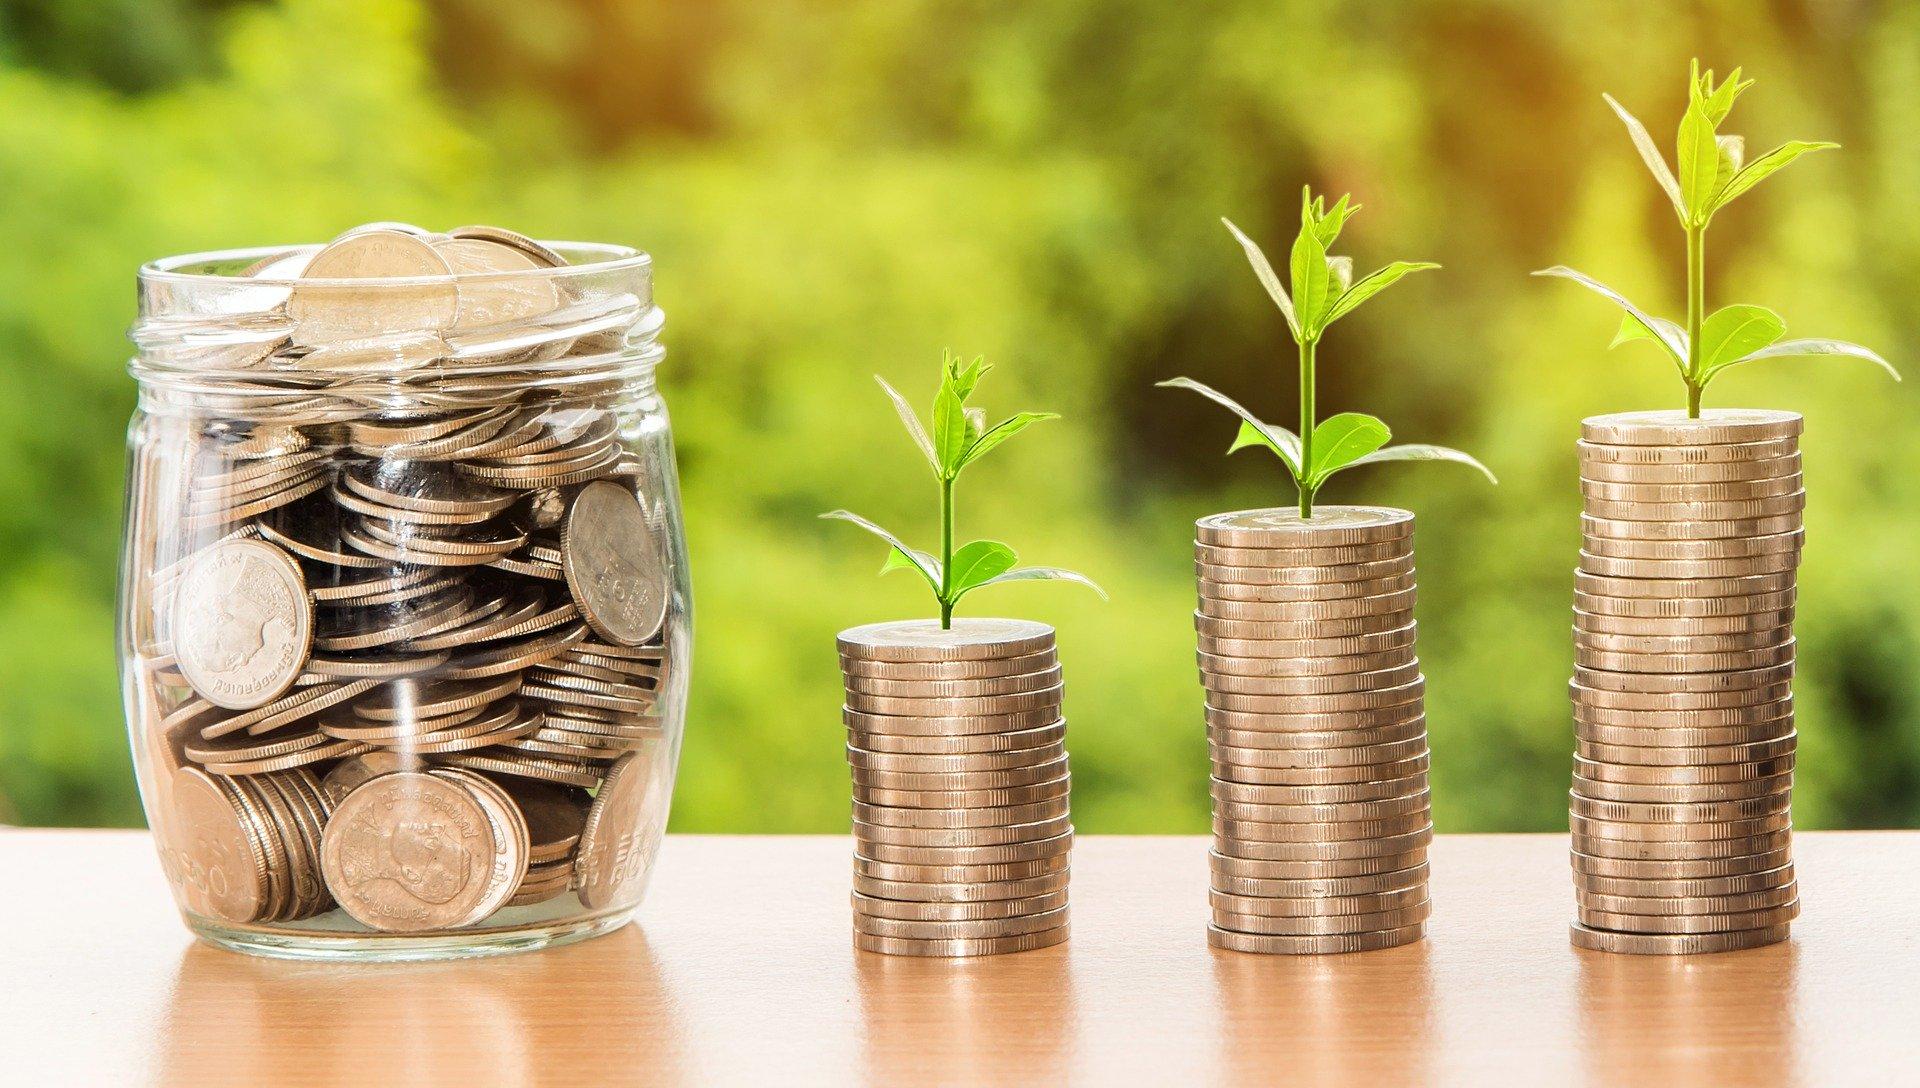 Наявність фінансової спроможності учасника, а саме наявність чистого доходу не менше 5 млн грн